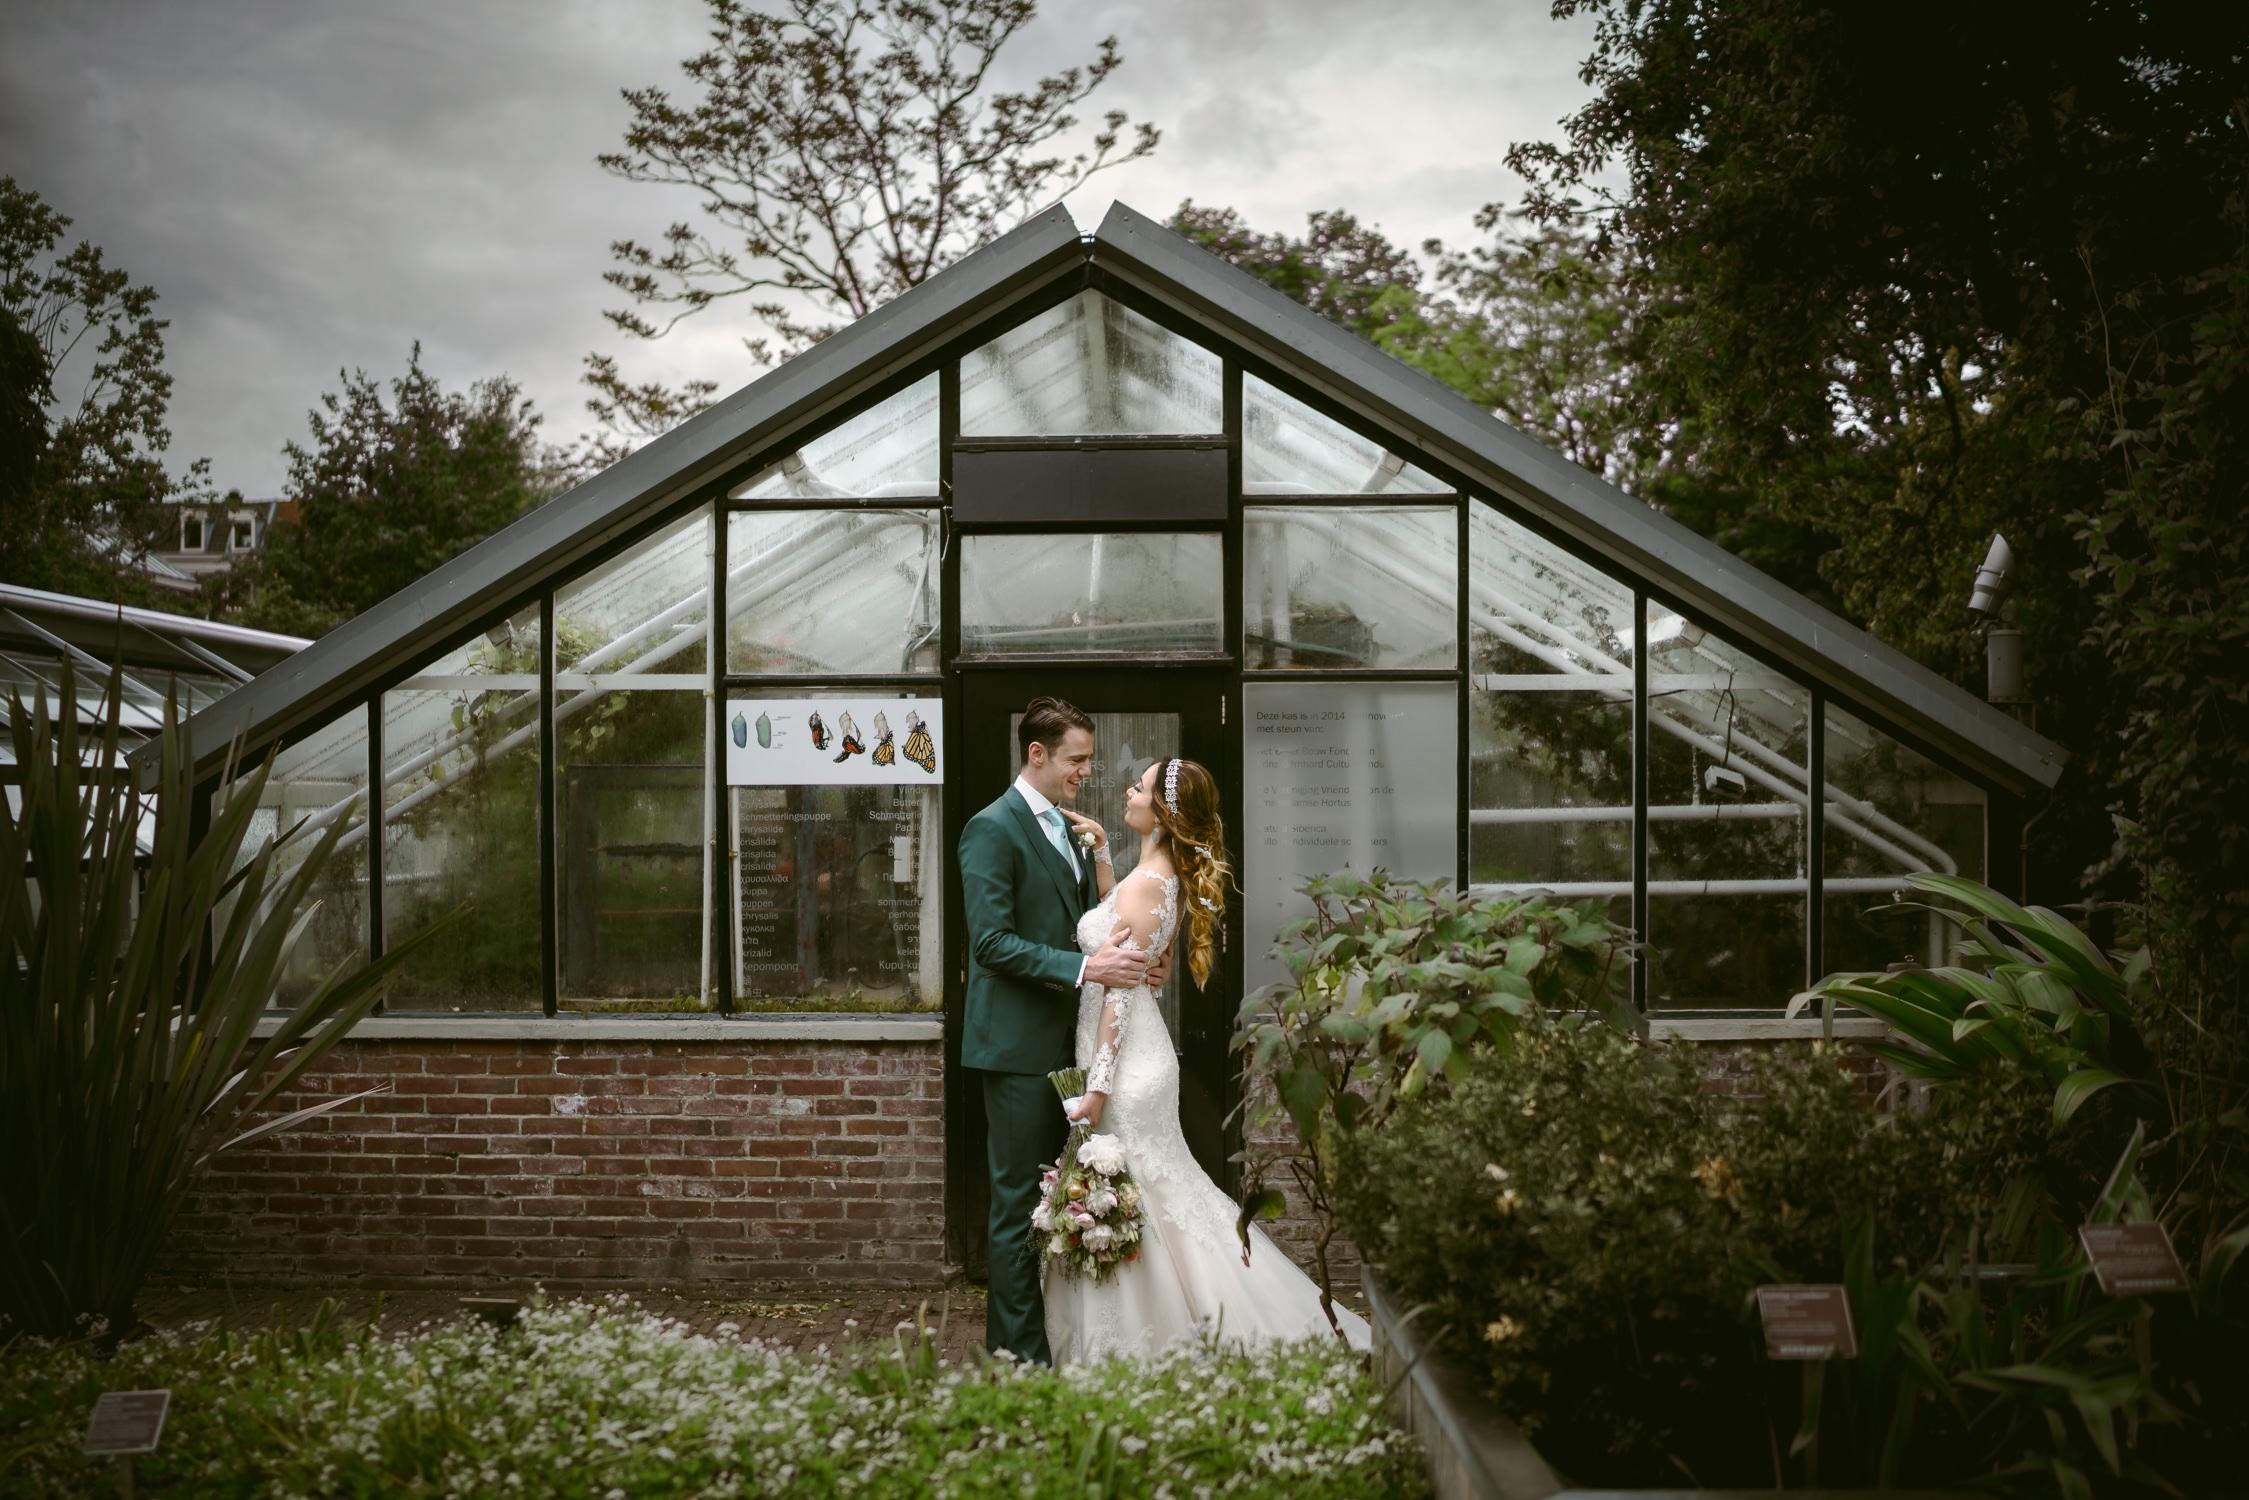 wedding photography amsterdam couple at hortus botanicus